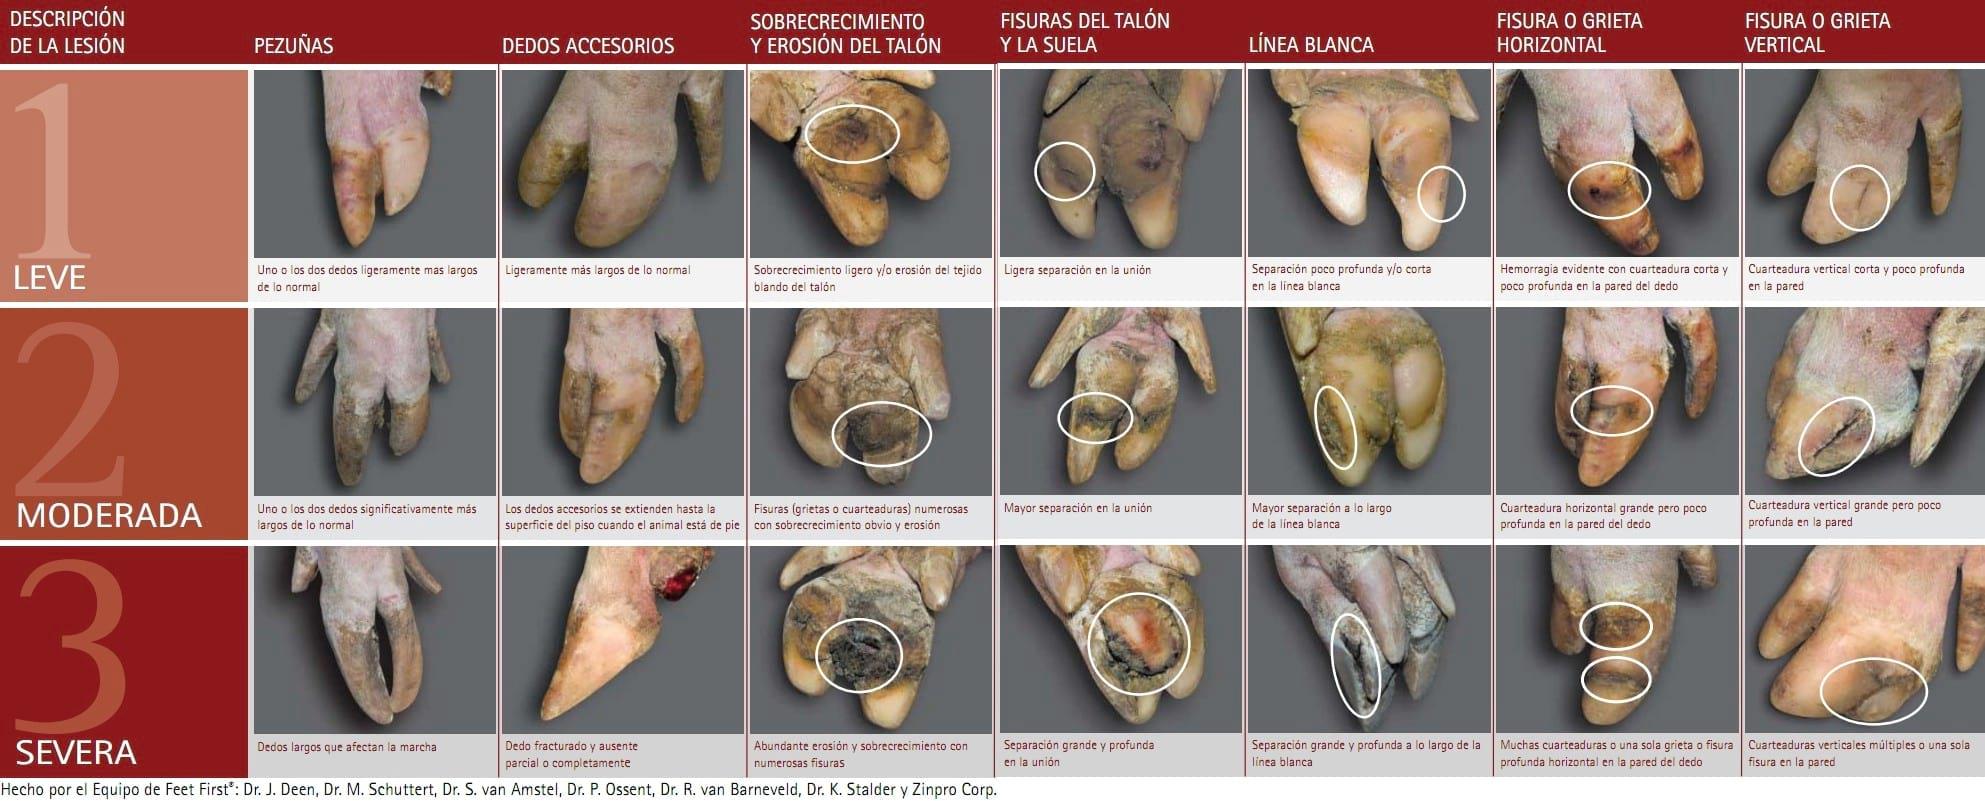 Pezuñas de cerdos - Guía para la clasificación de lesiones - Engormix